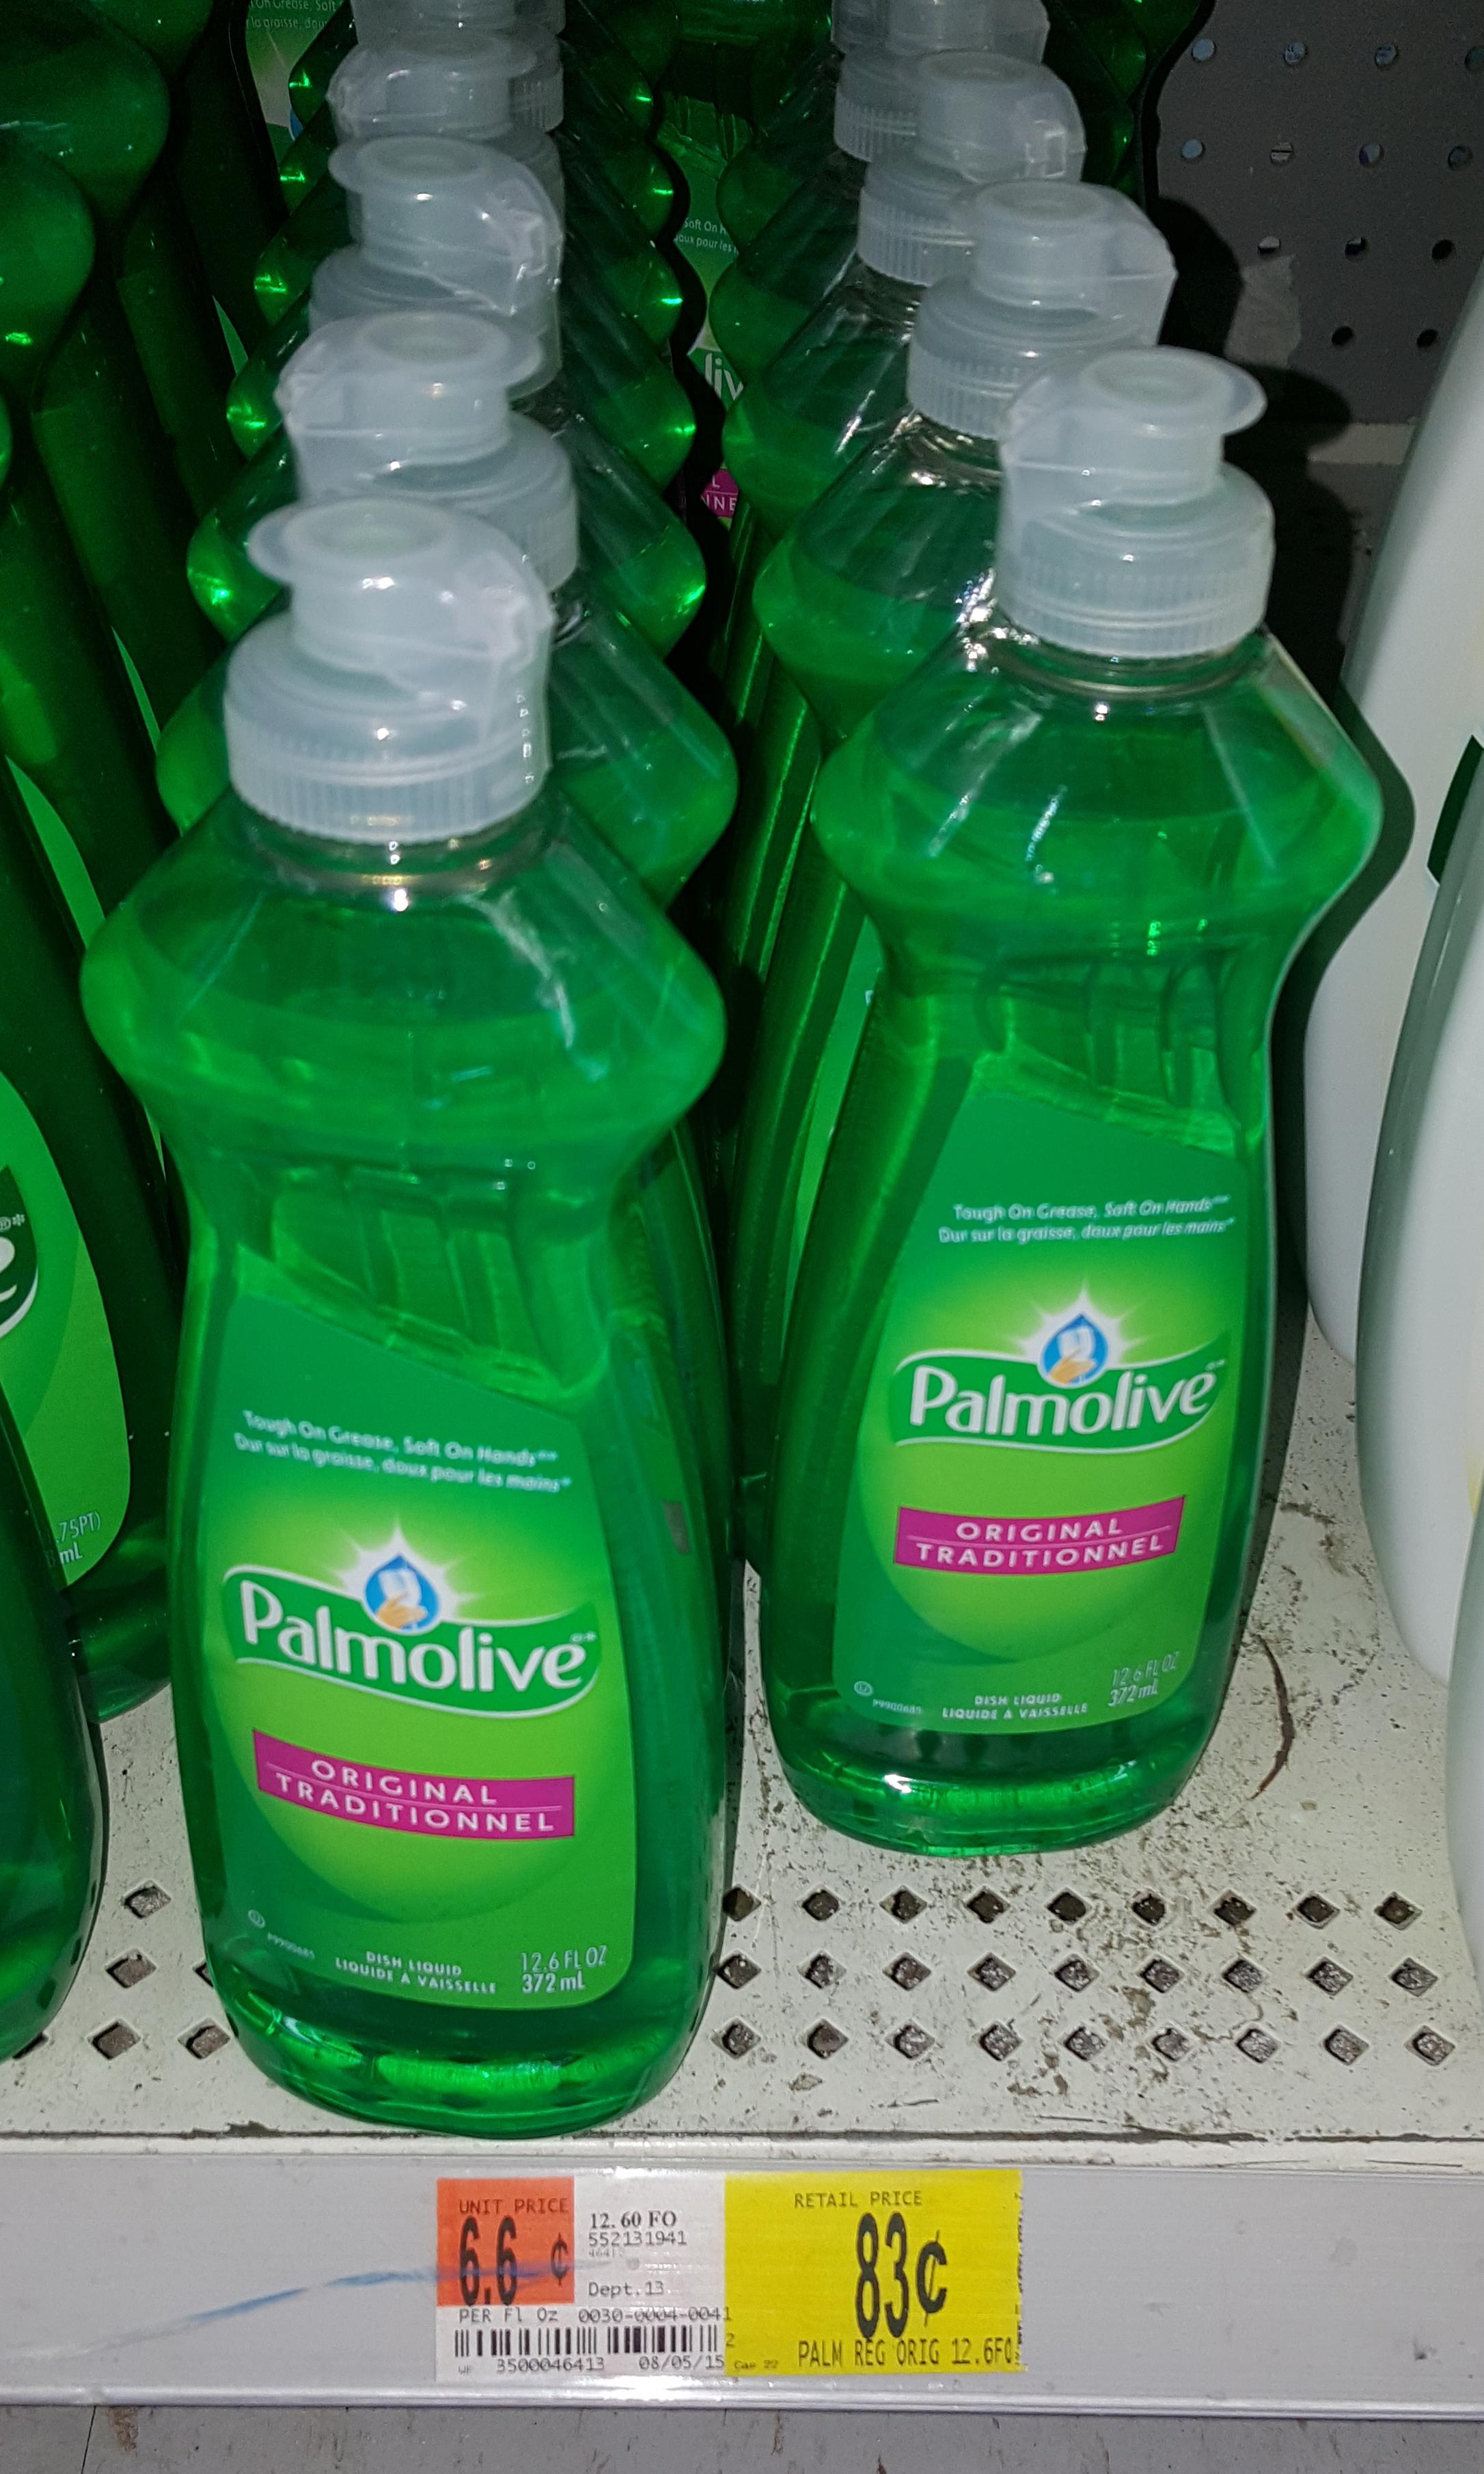 Palmolive Dish Soap Just $.58 at Walmart!